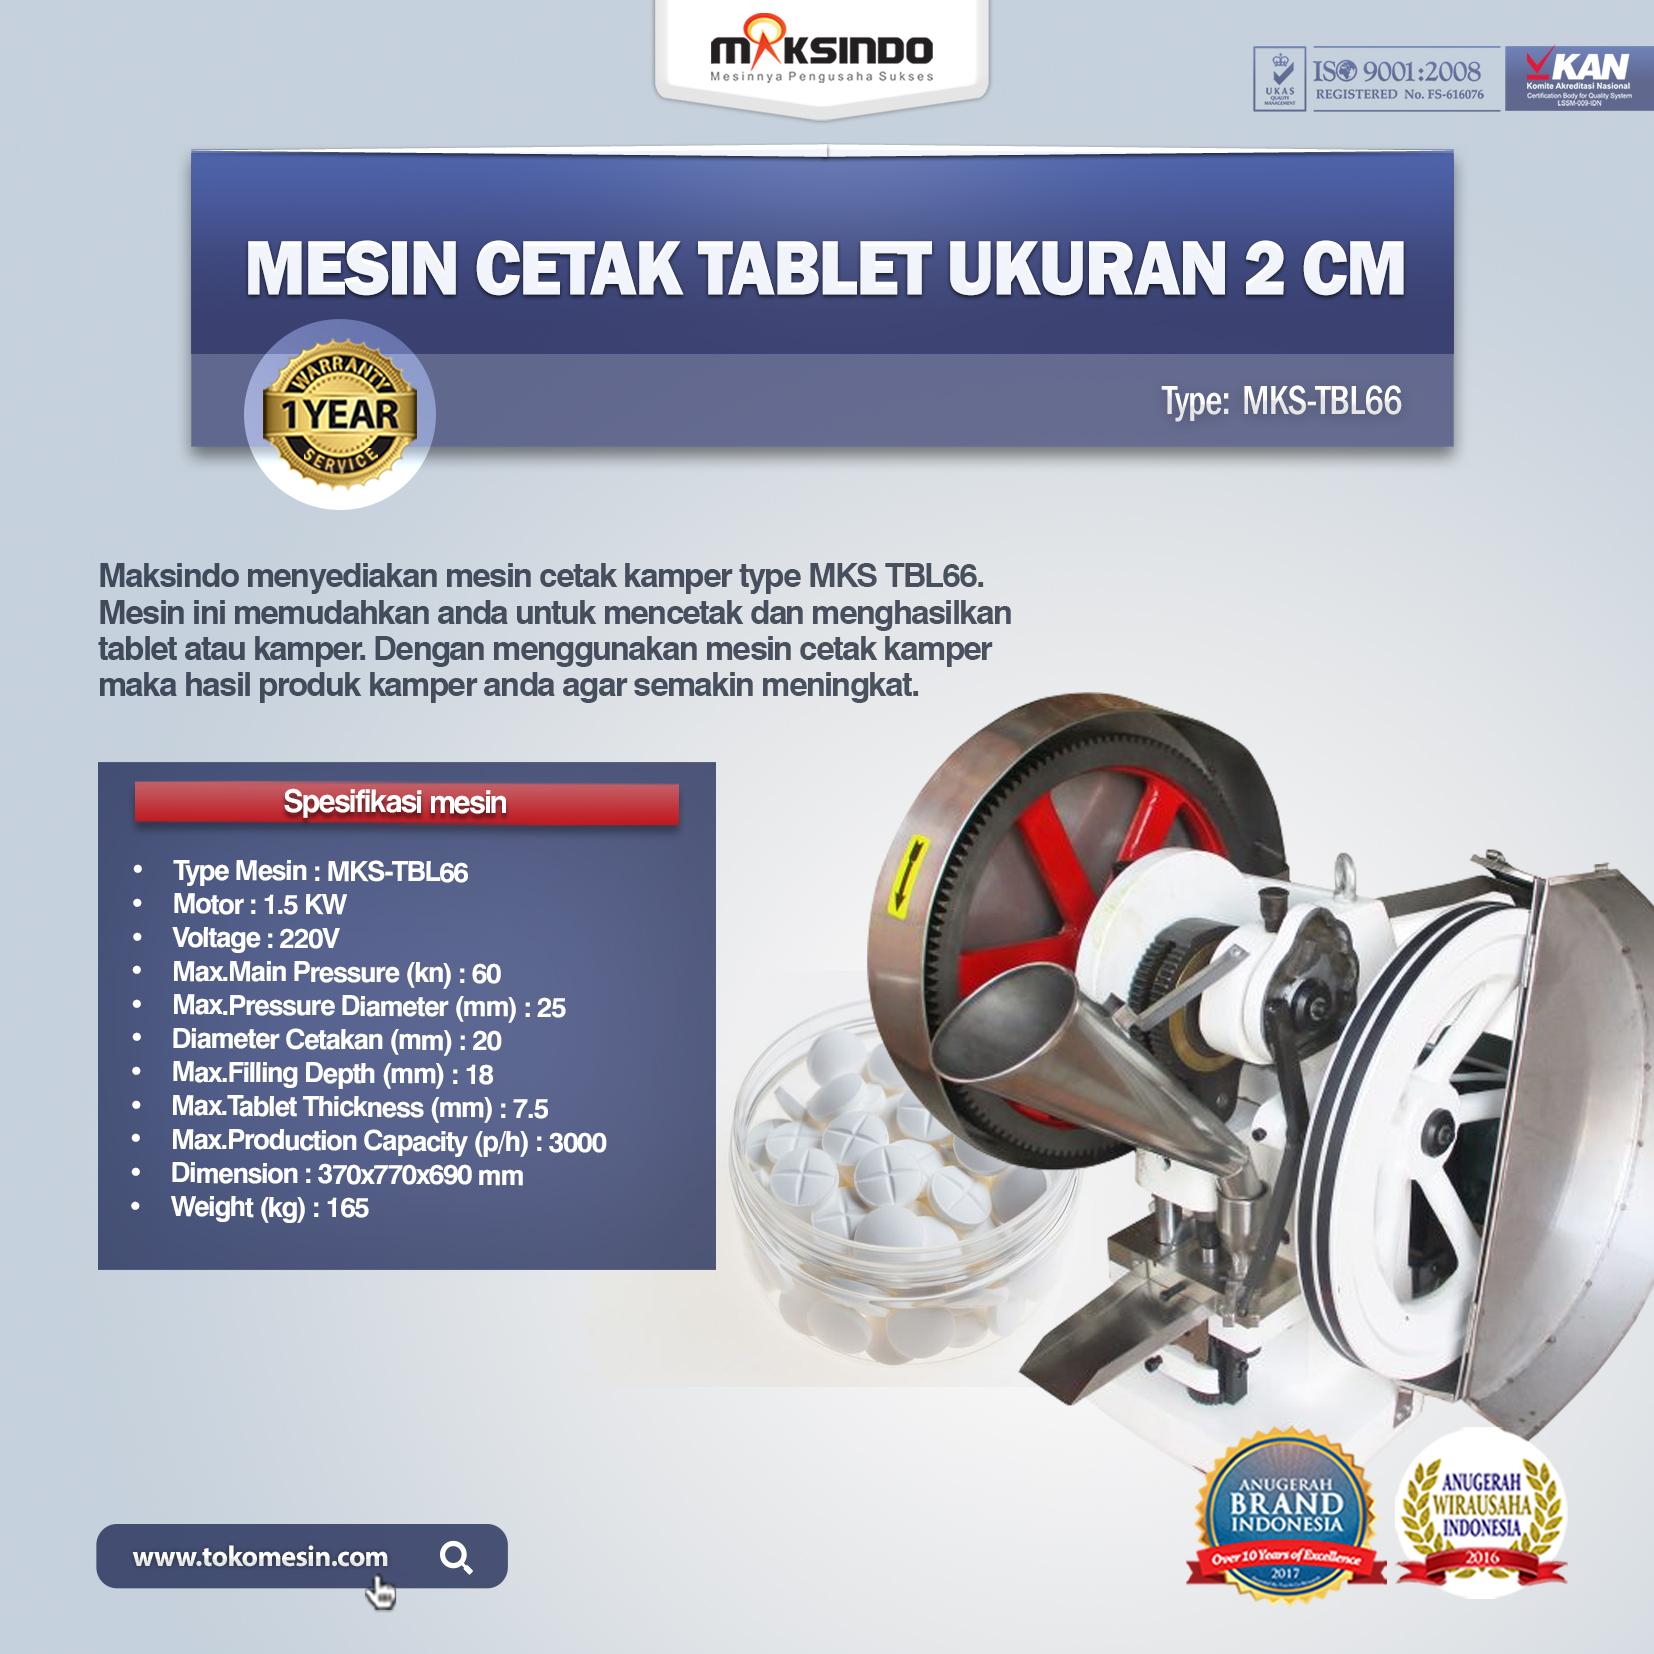 Jual Mesin Cetak Tablet Ukuran 2cm di Semarang